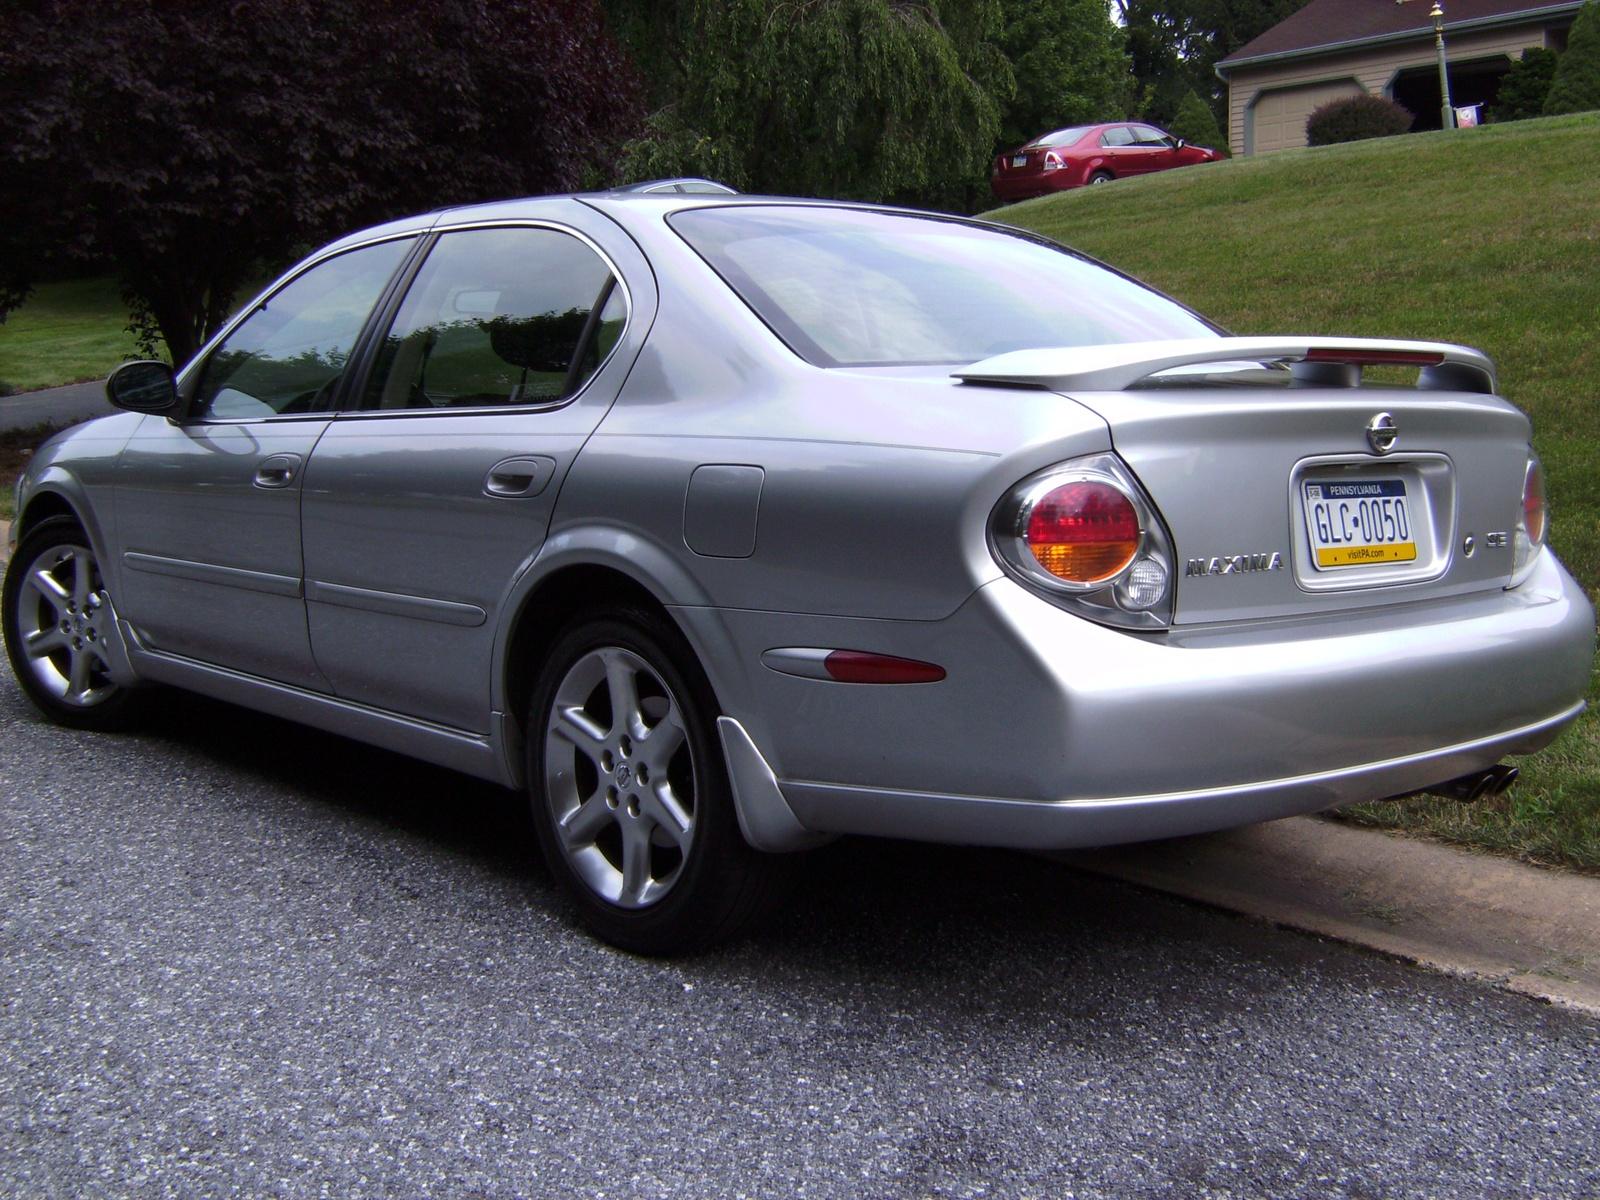 2003 Nissan Maxima Pictures Cargurus